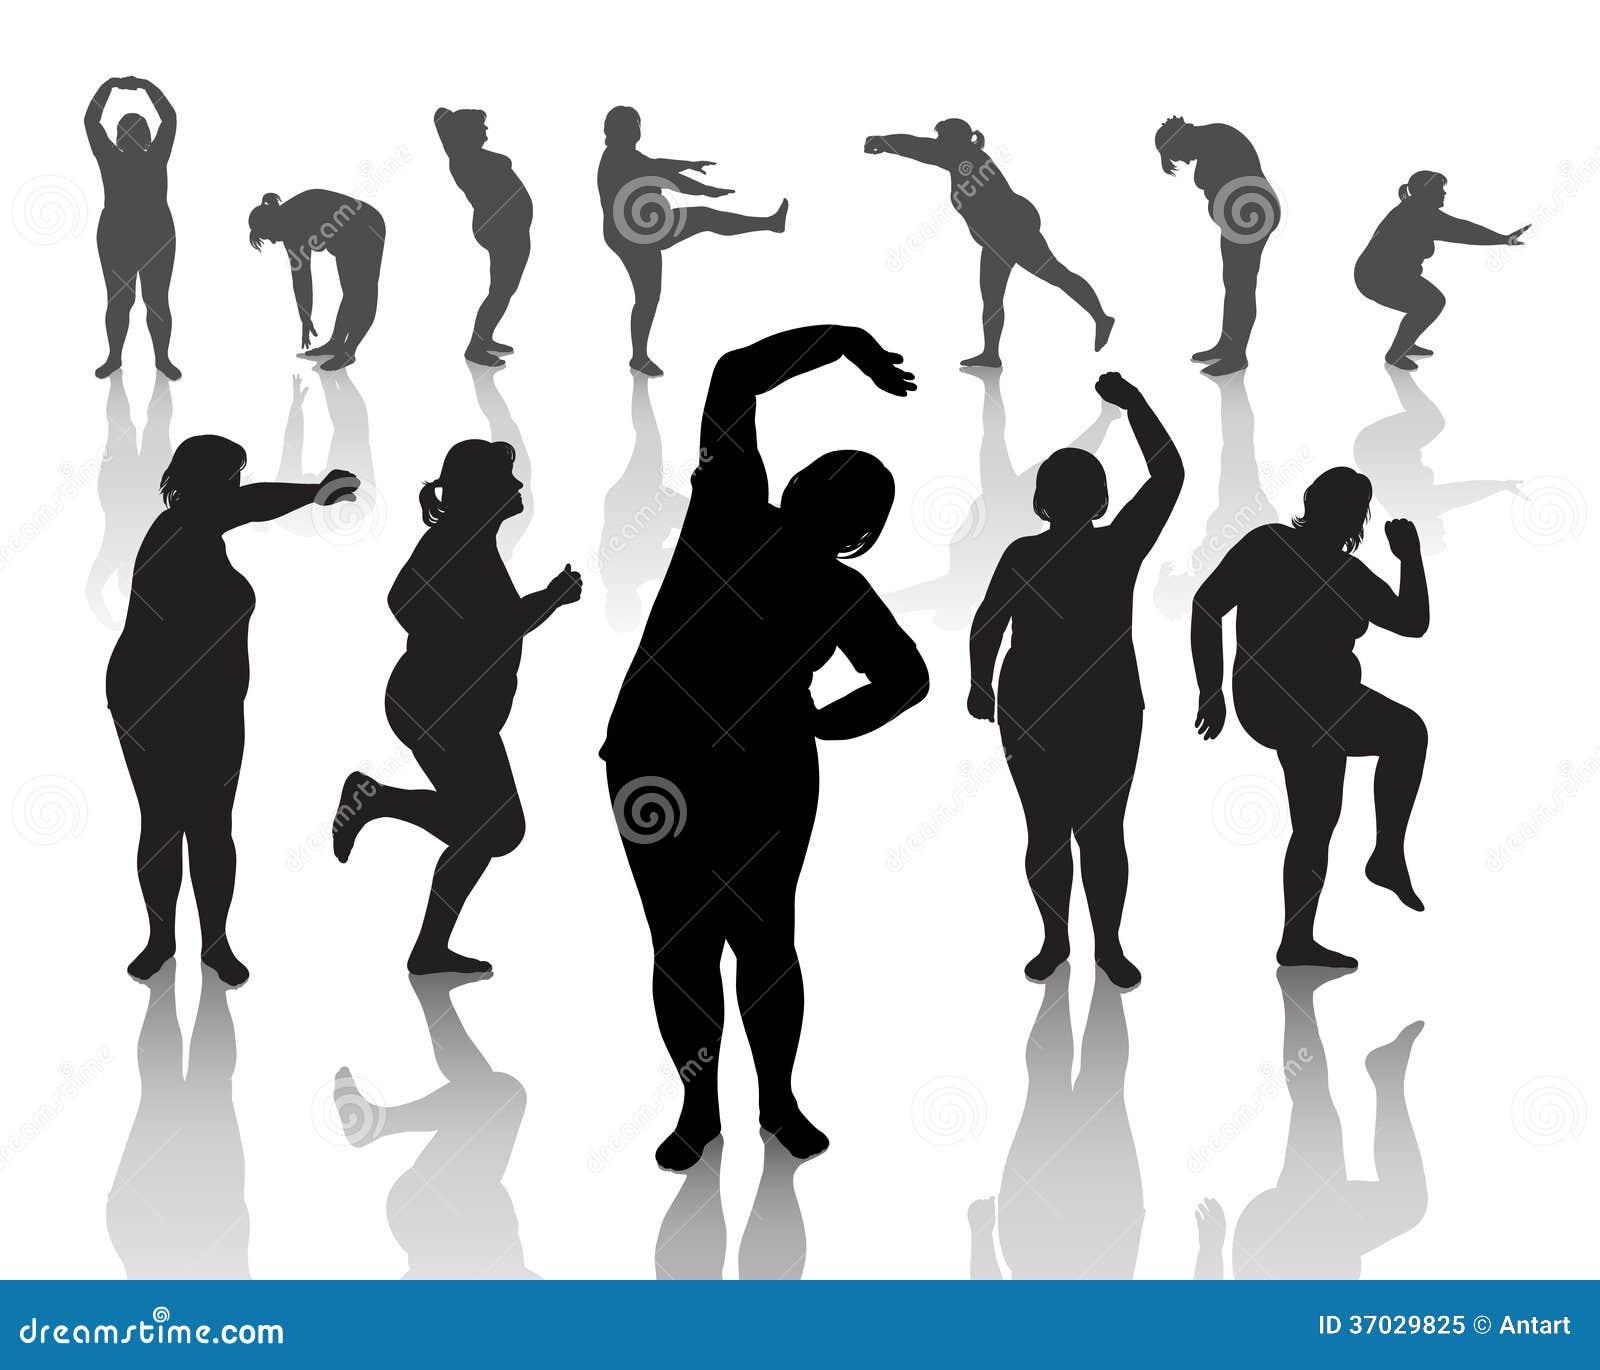 moederdochtersex dikke vrouwen nl